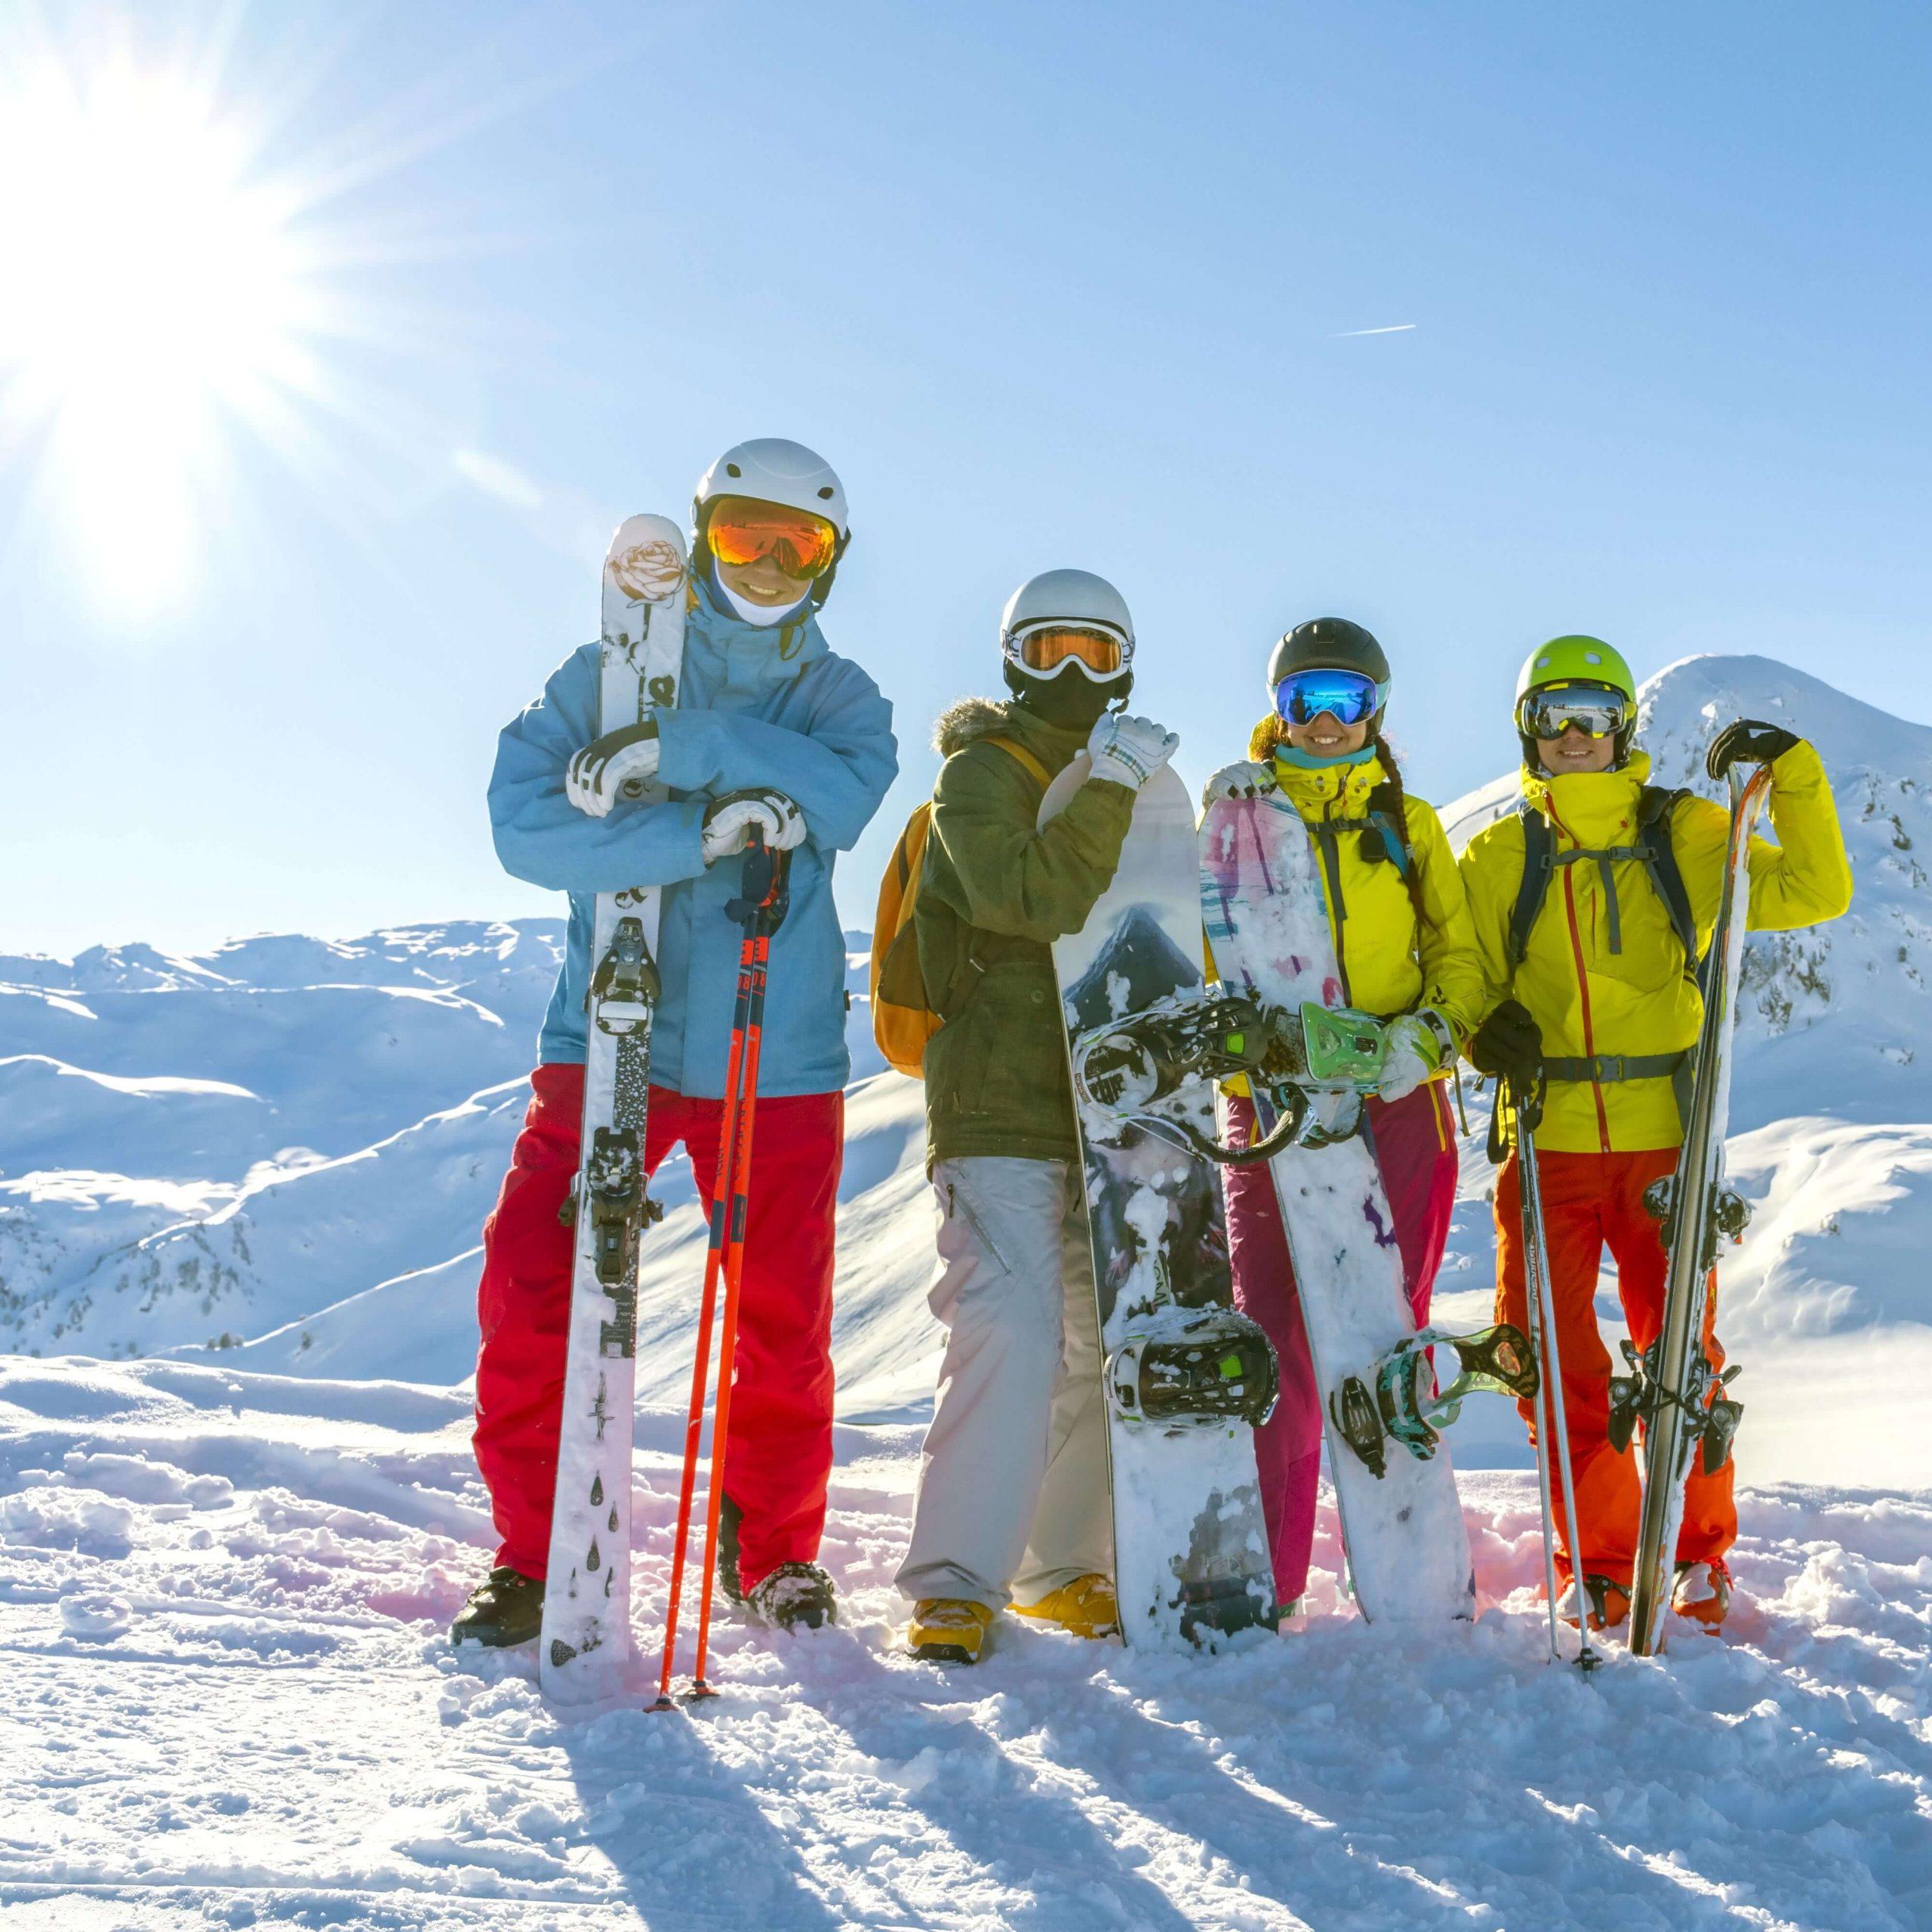 Vier Snowboarder auf der Piste